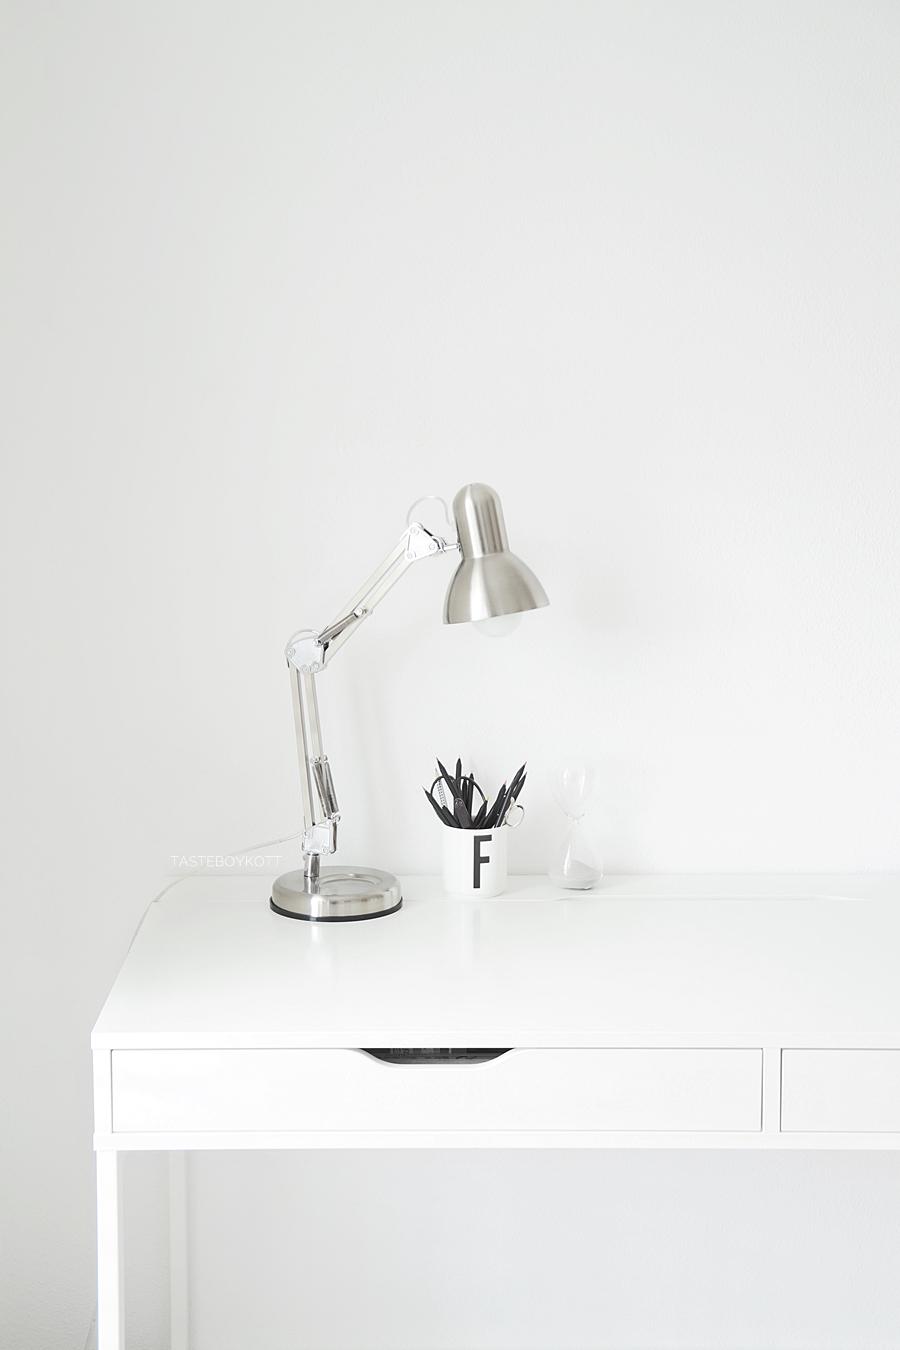 Schreibtisch Deko Arbeitsplatz in schwarz-weiß. Skandinavisch modern minimalistisch schlicht wohnen einrichten dekorieren. Wohnideen Dekoideen Wohninspiration Tasteboykott Wohnblog.